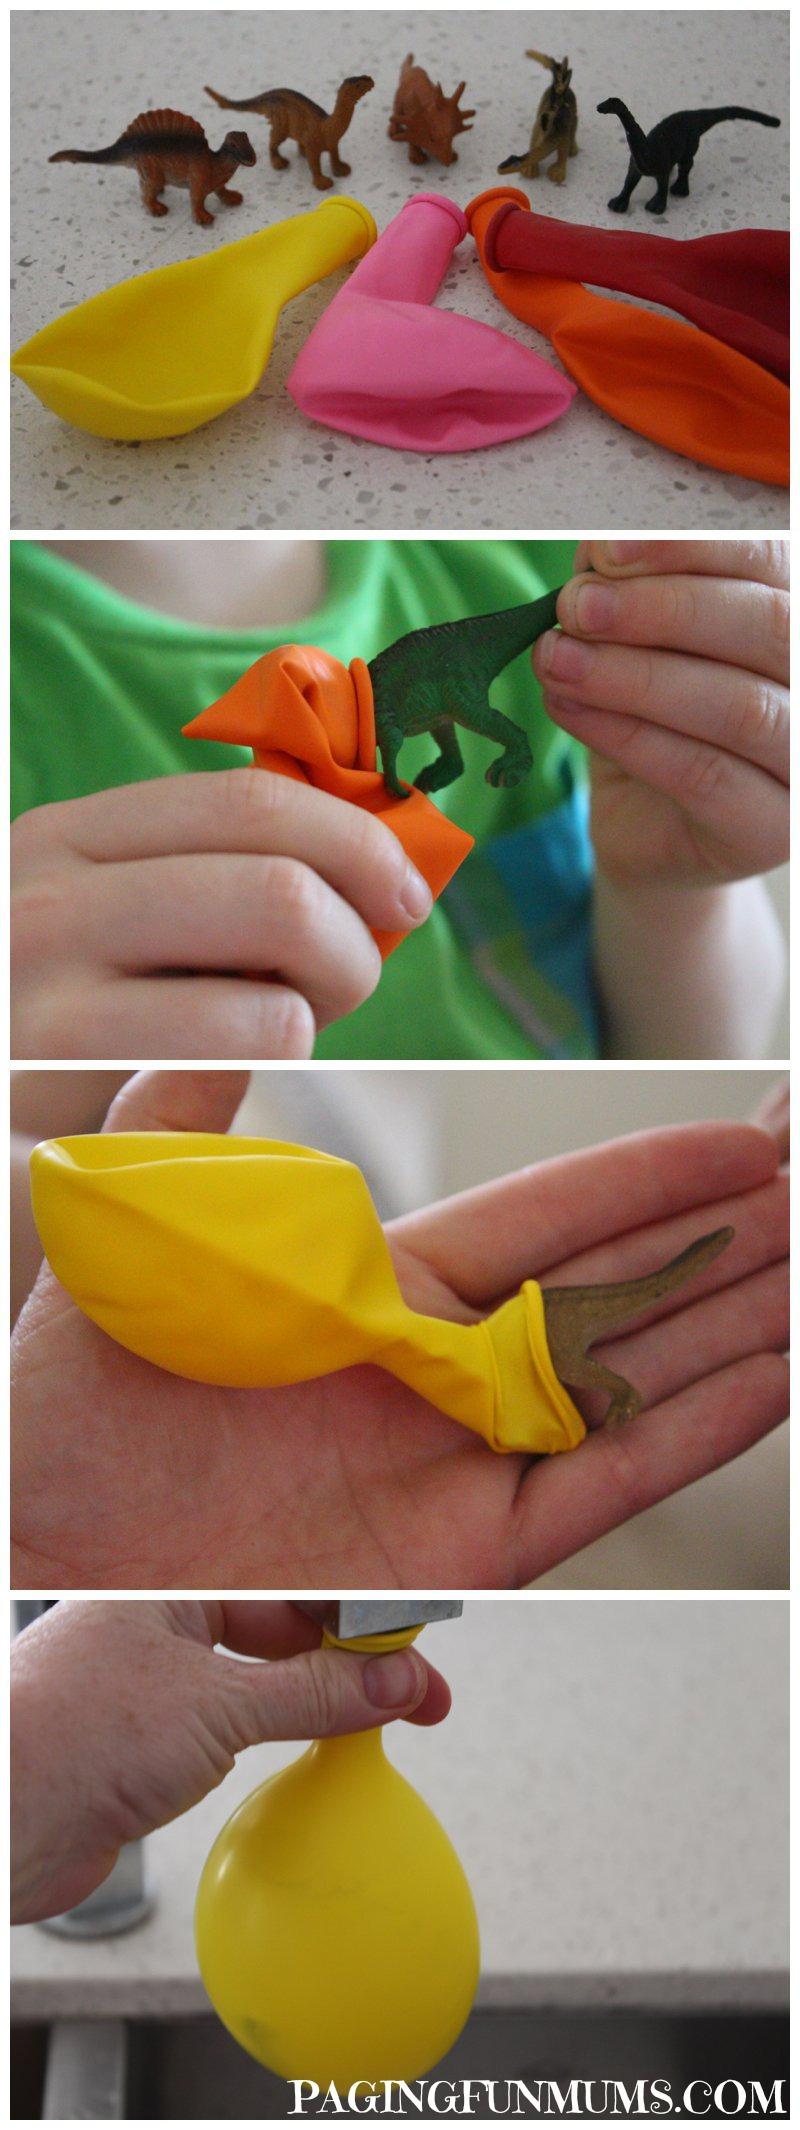 DIY frusna dinosaurie ägg av ballonger